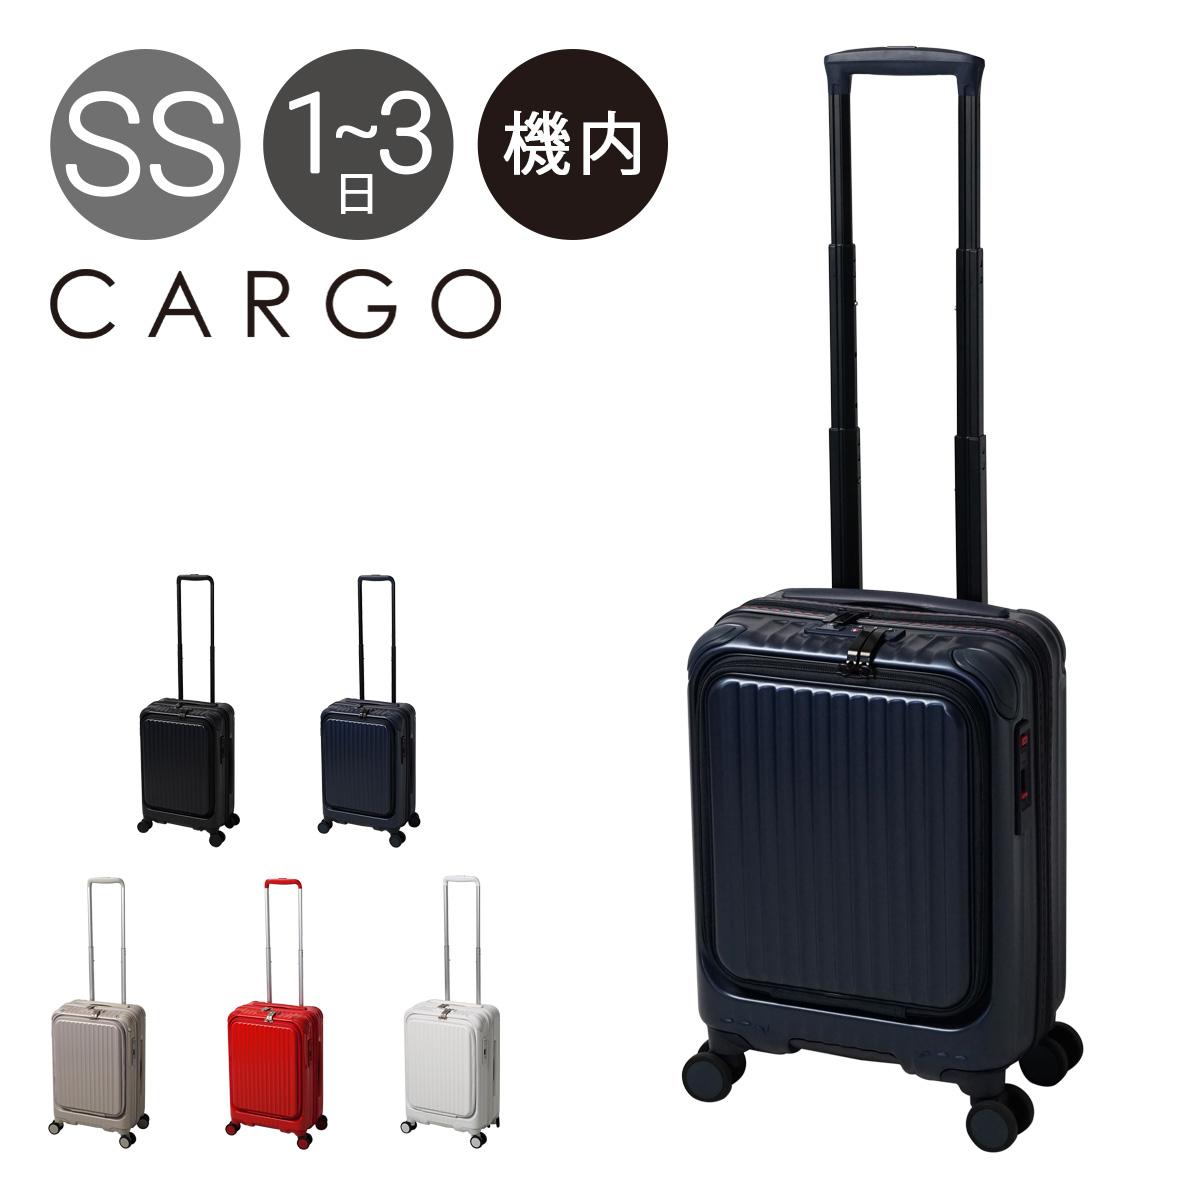 カーゴ スーツケース 機内持ち込み 35L 48cm 3.4kg エアレイヤー CAT532LY CARGO AiR LAYER|ハード ファスナー キャリーバッグ キャリーケース ビジネスキャリー フロントオープン ストッパー付き 静音 TSAロック搭載[PO10]